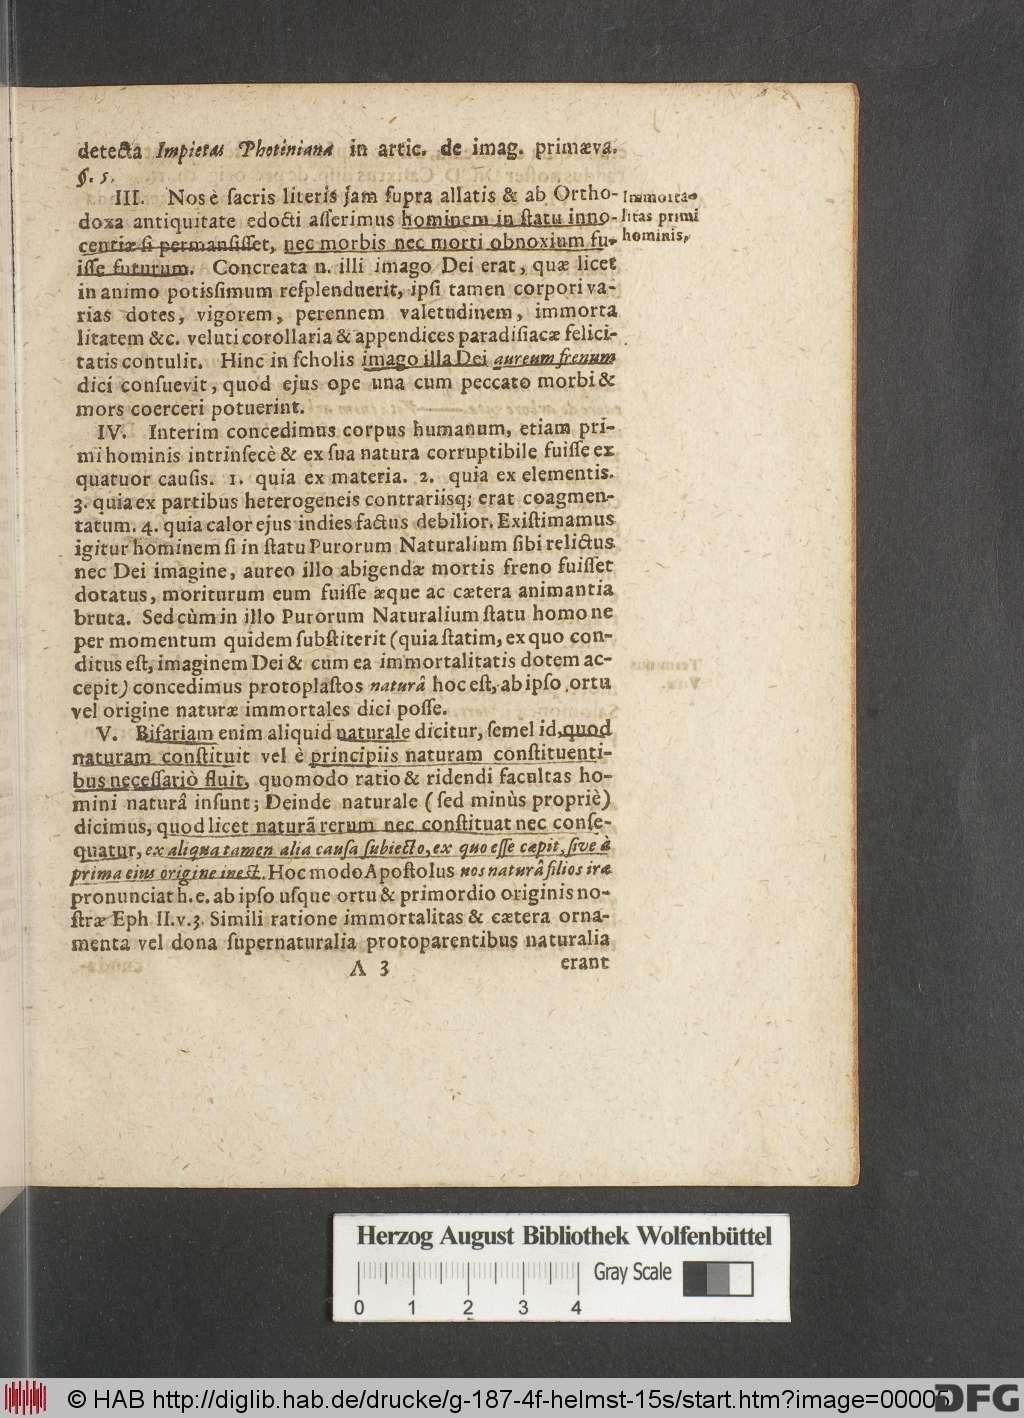 http://diglib.hab.de/drucke/g-187-4f-helmst-15s/00005.jpg